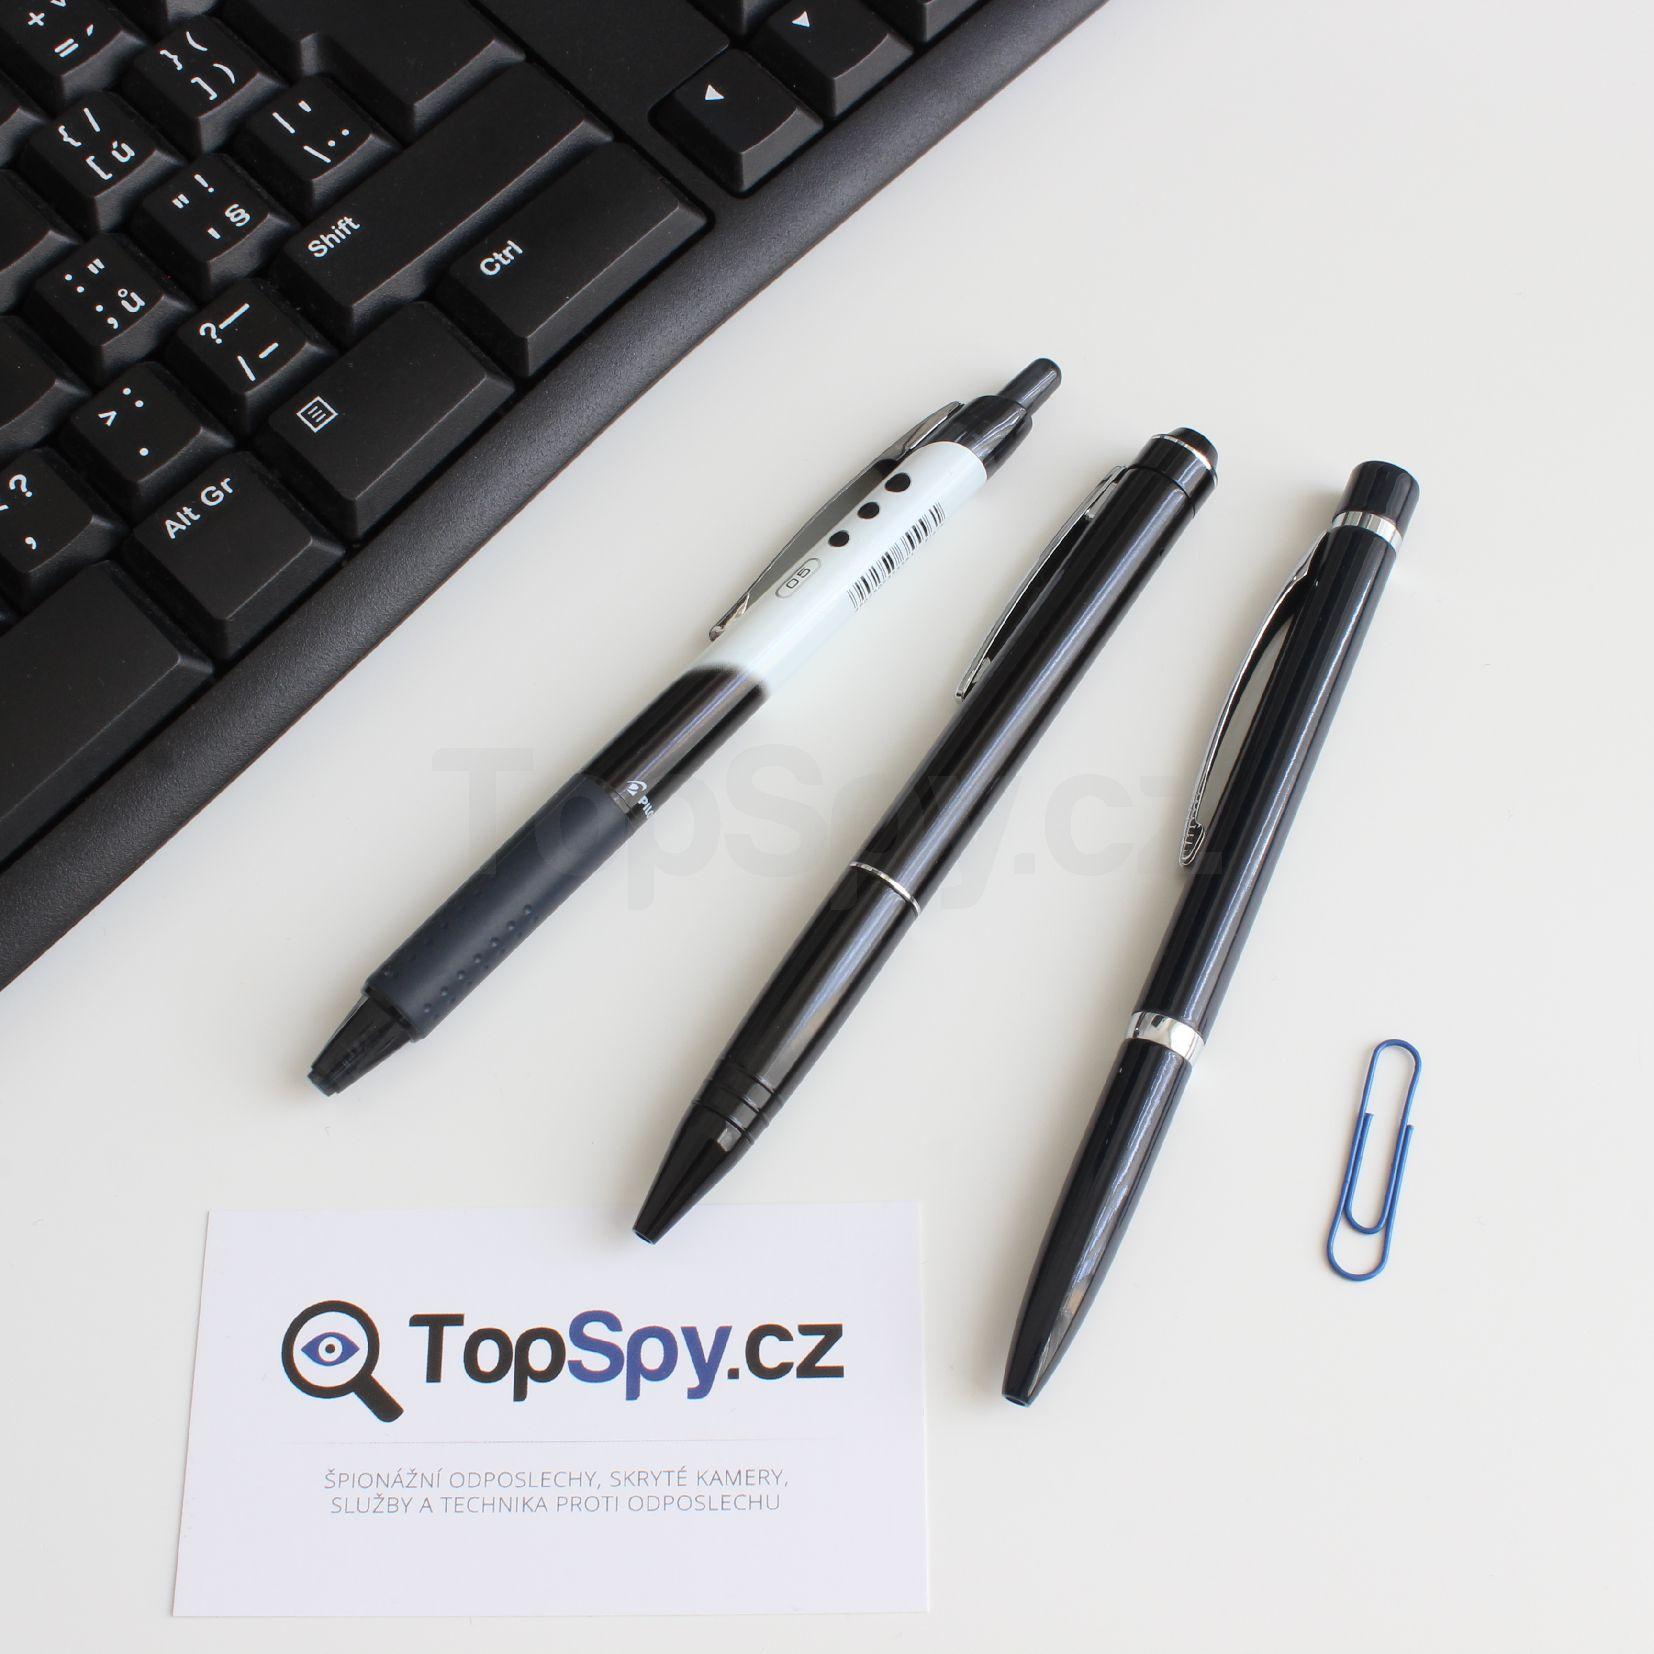 Odposlech - špionážní propiska TopSpy PEN 77